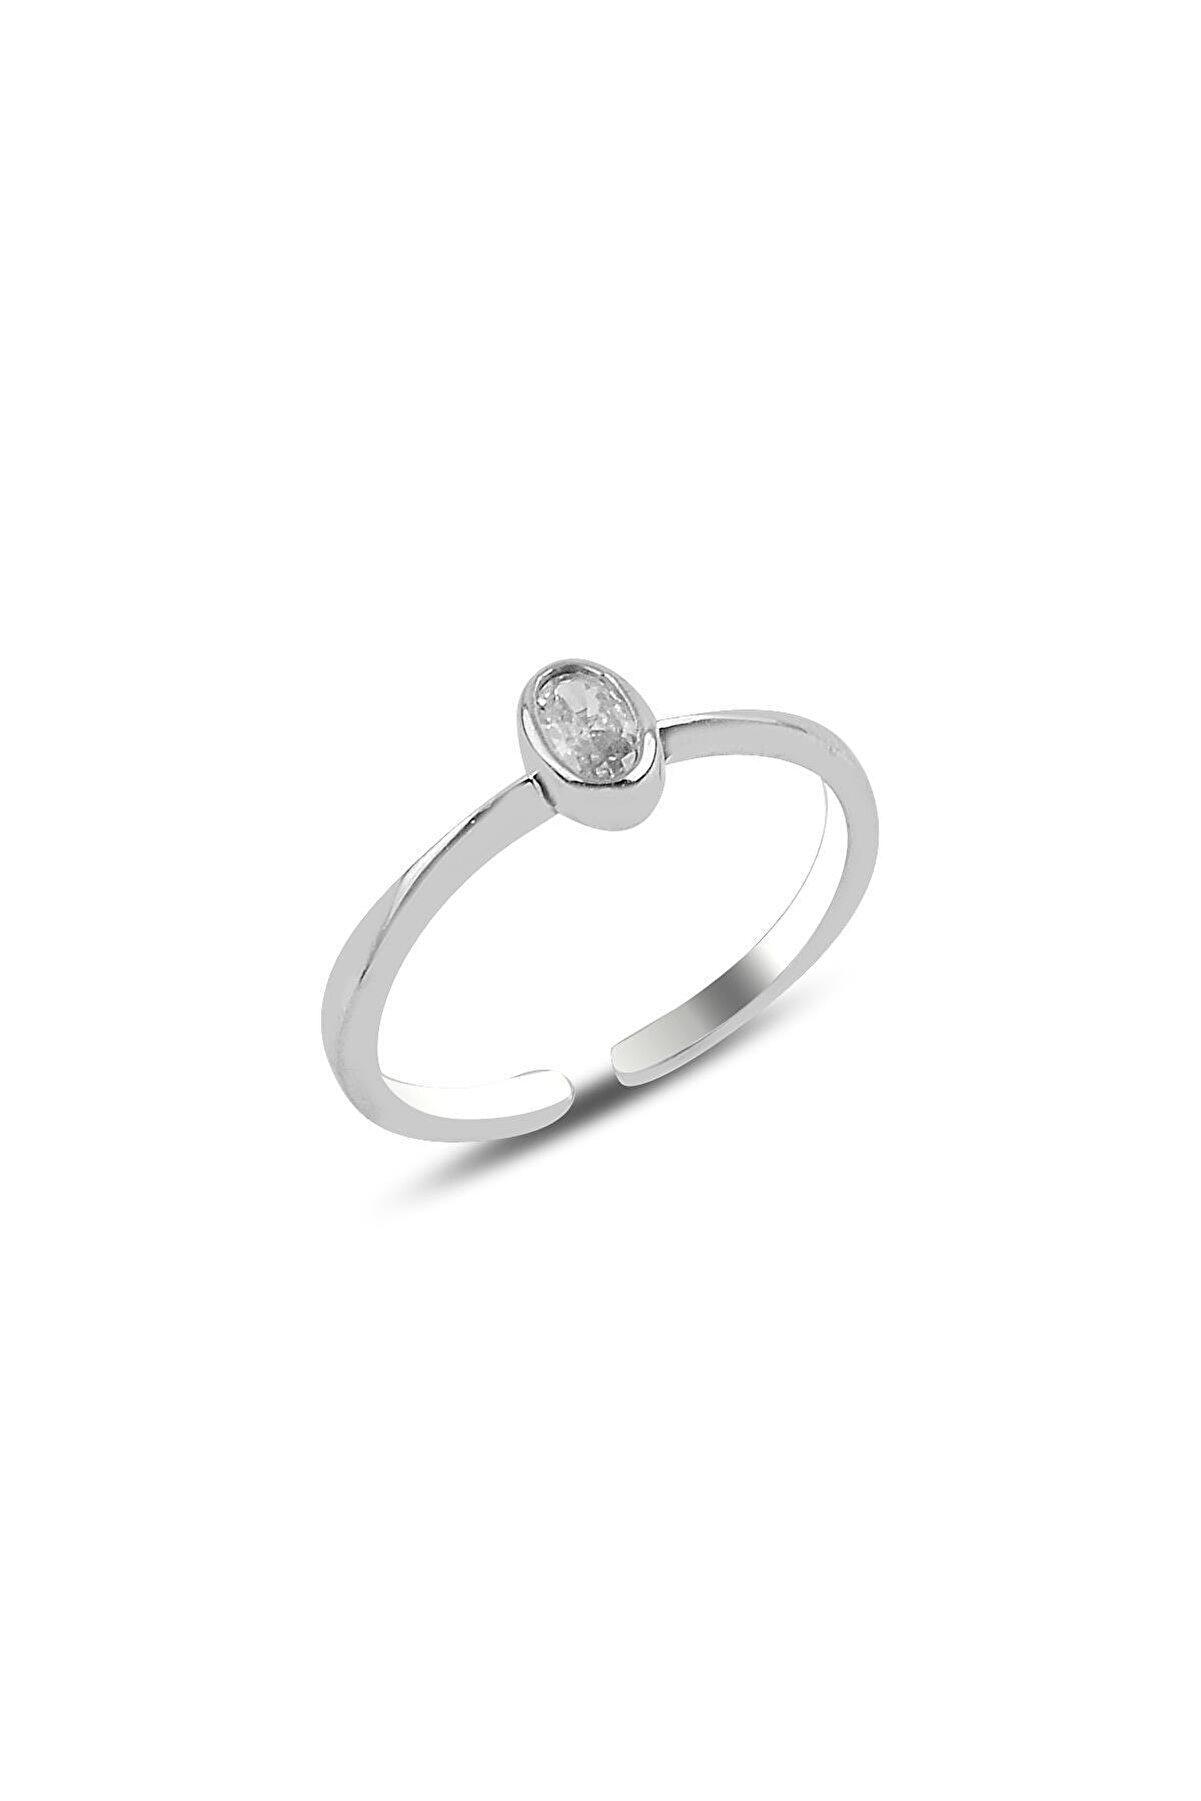 Söğütlü Silver Gümüş Rodyumlu Zirkon Taşlı Ayarlamalı Yüzük